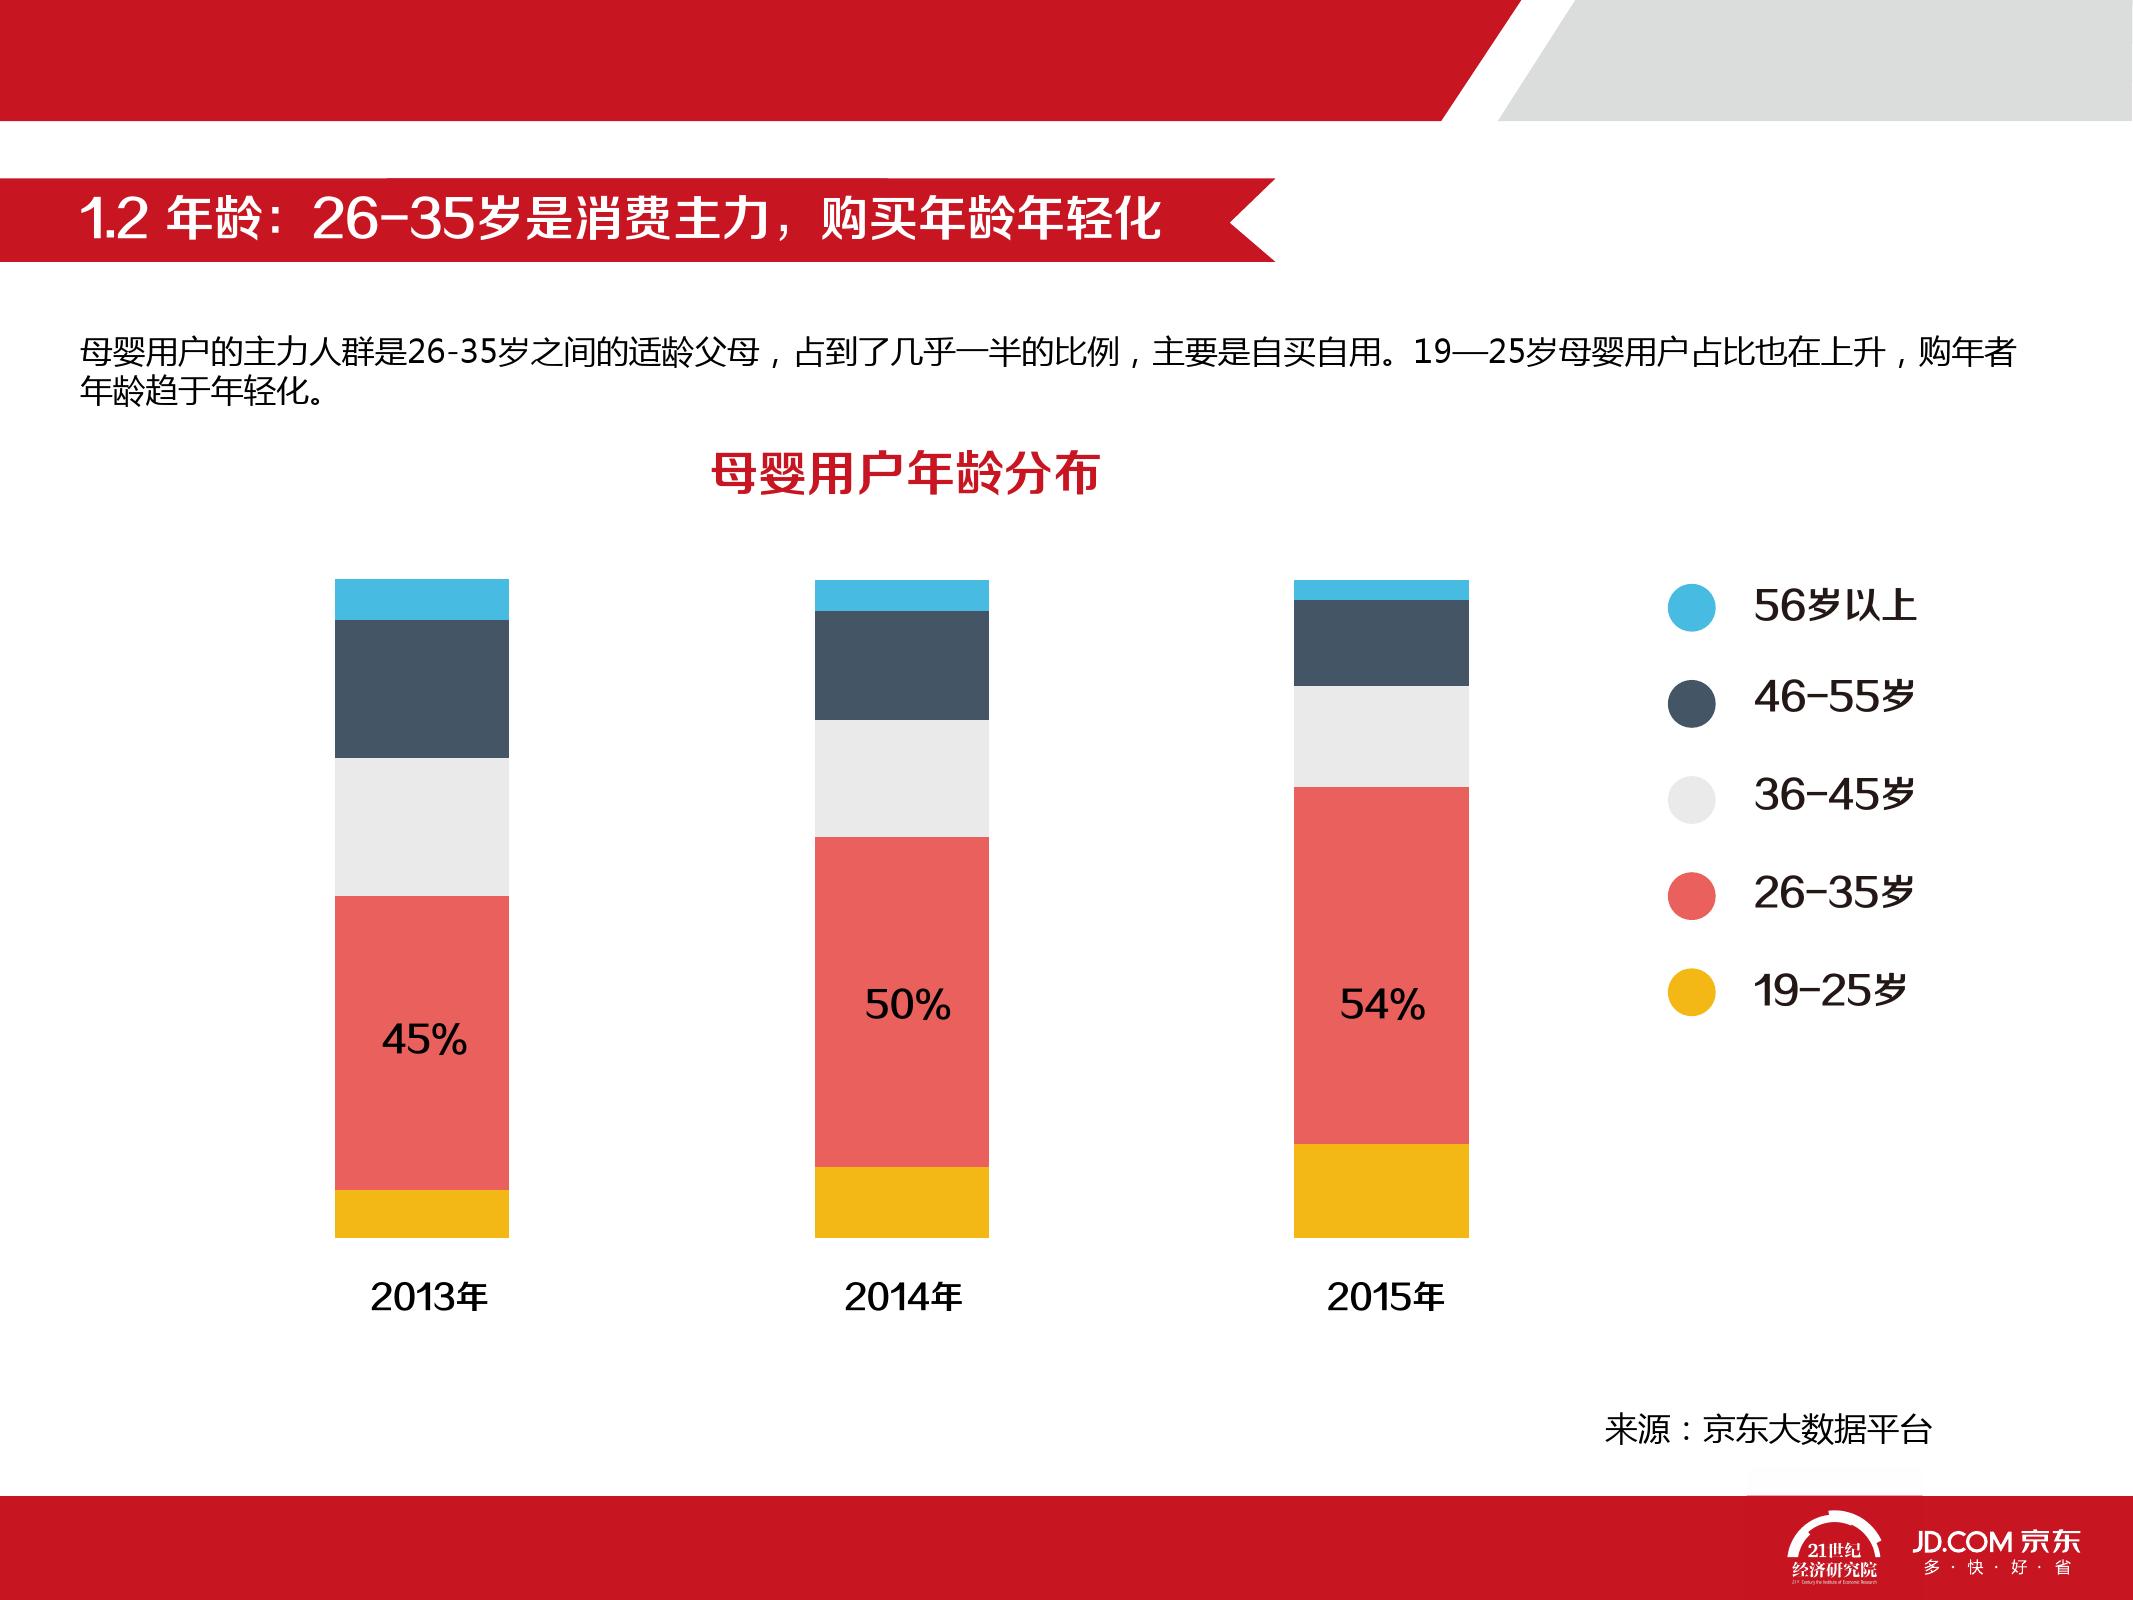 2016中国母婴产品消费趋势报告_000013